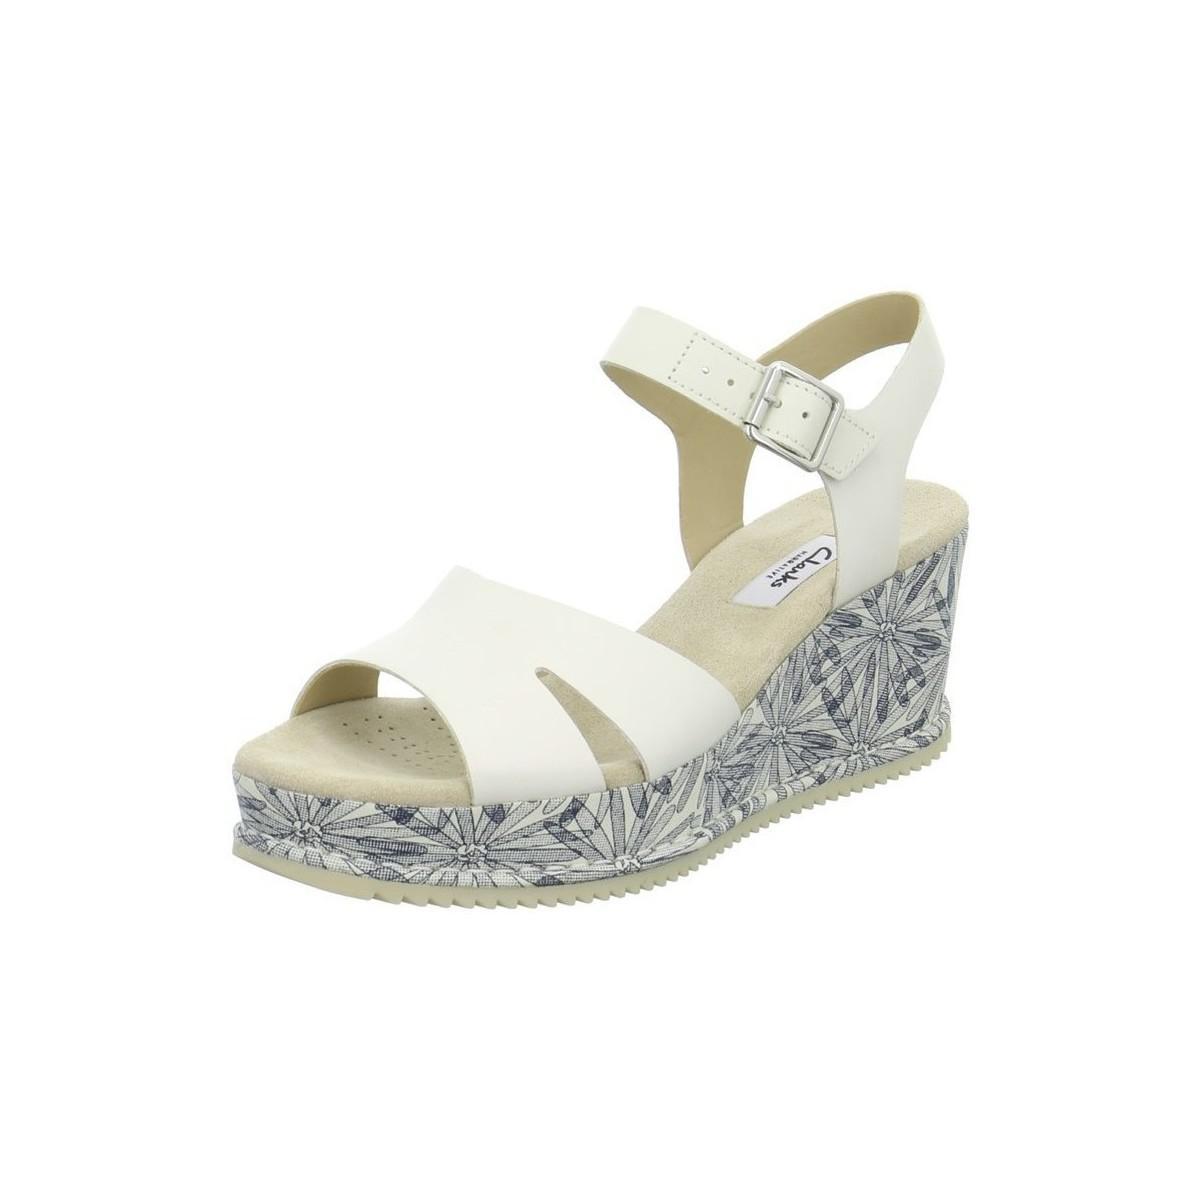 2bf44d07dea12f Clarks Akilah Eden Women s Sandals In White in White - Lyst